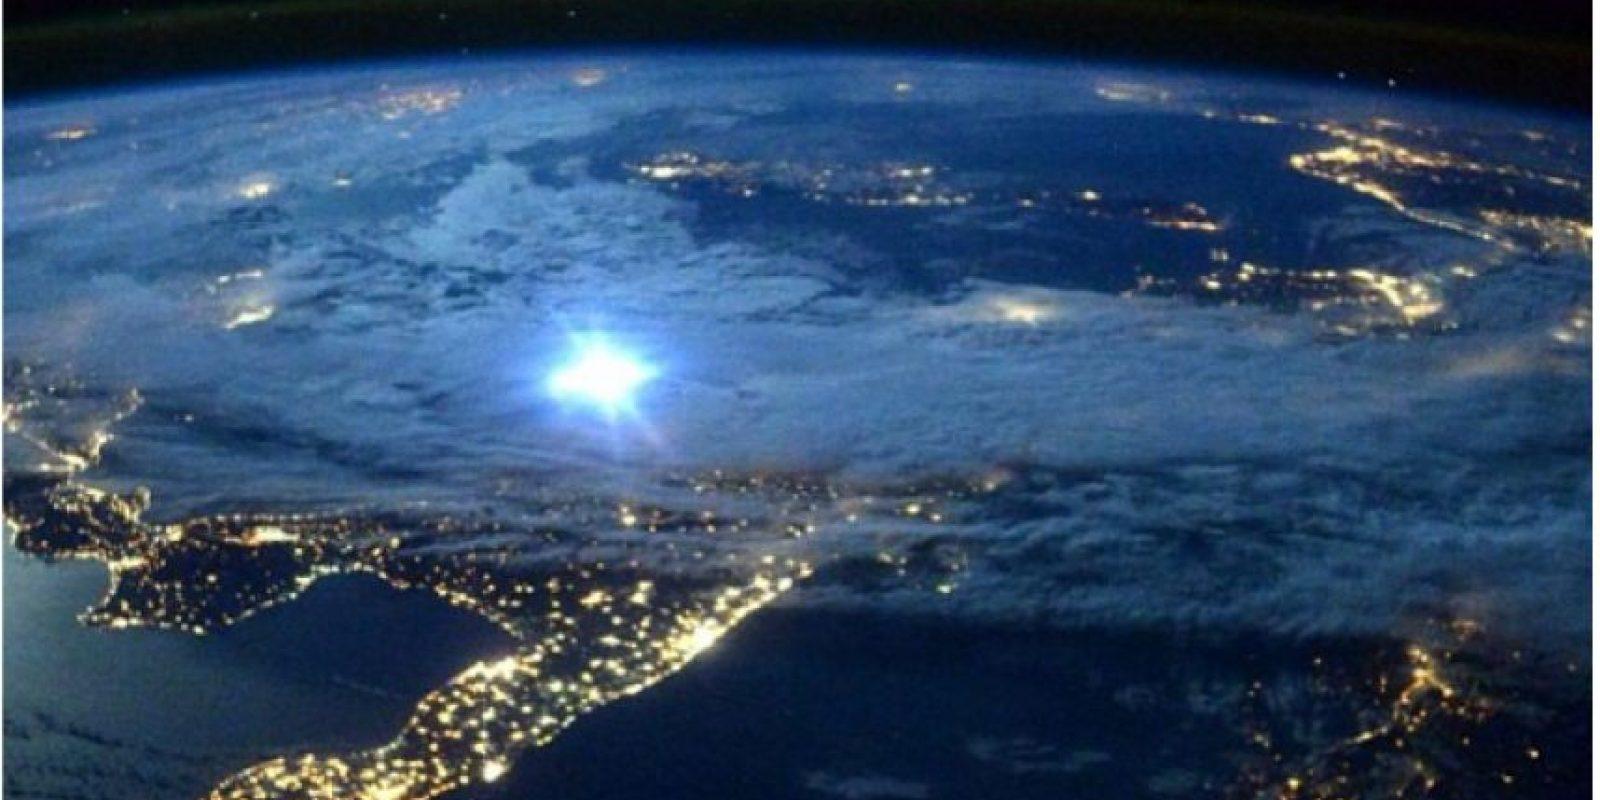 Kelly asegura que desde donde el veía la atmósfera se veía muy diferente a como se ve desde abajo. Foto:twitter.com/StationCDRKelly